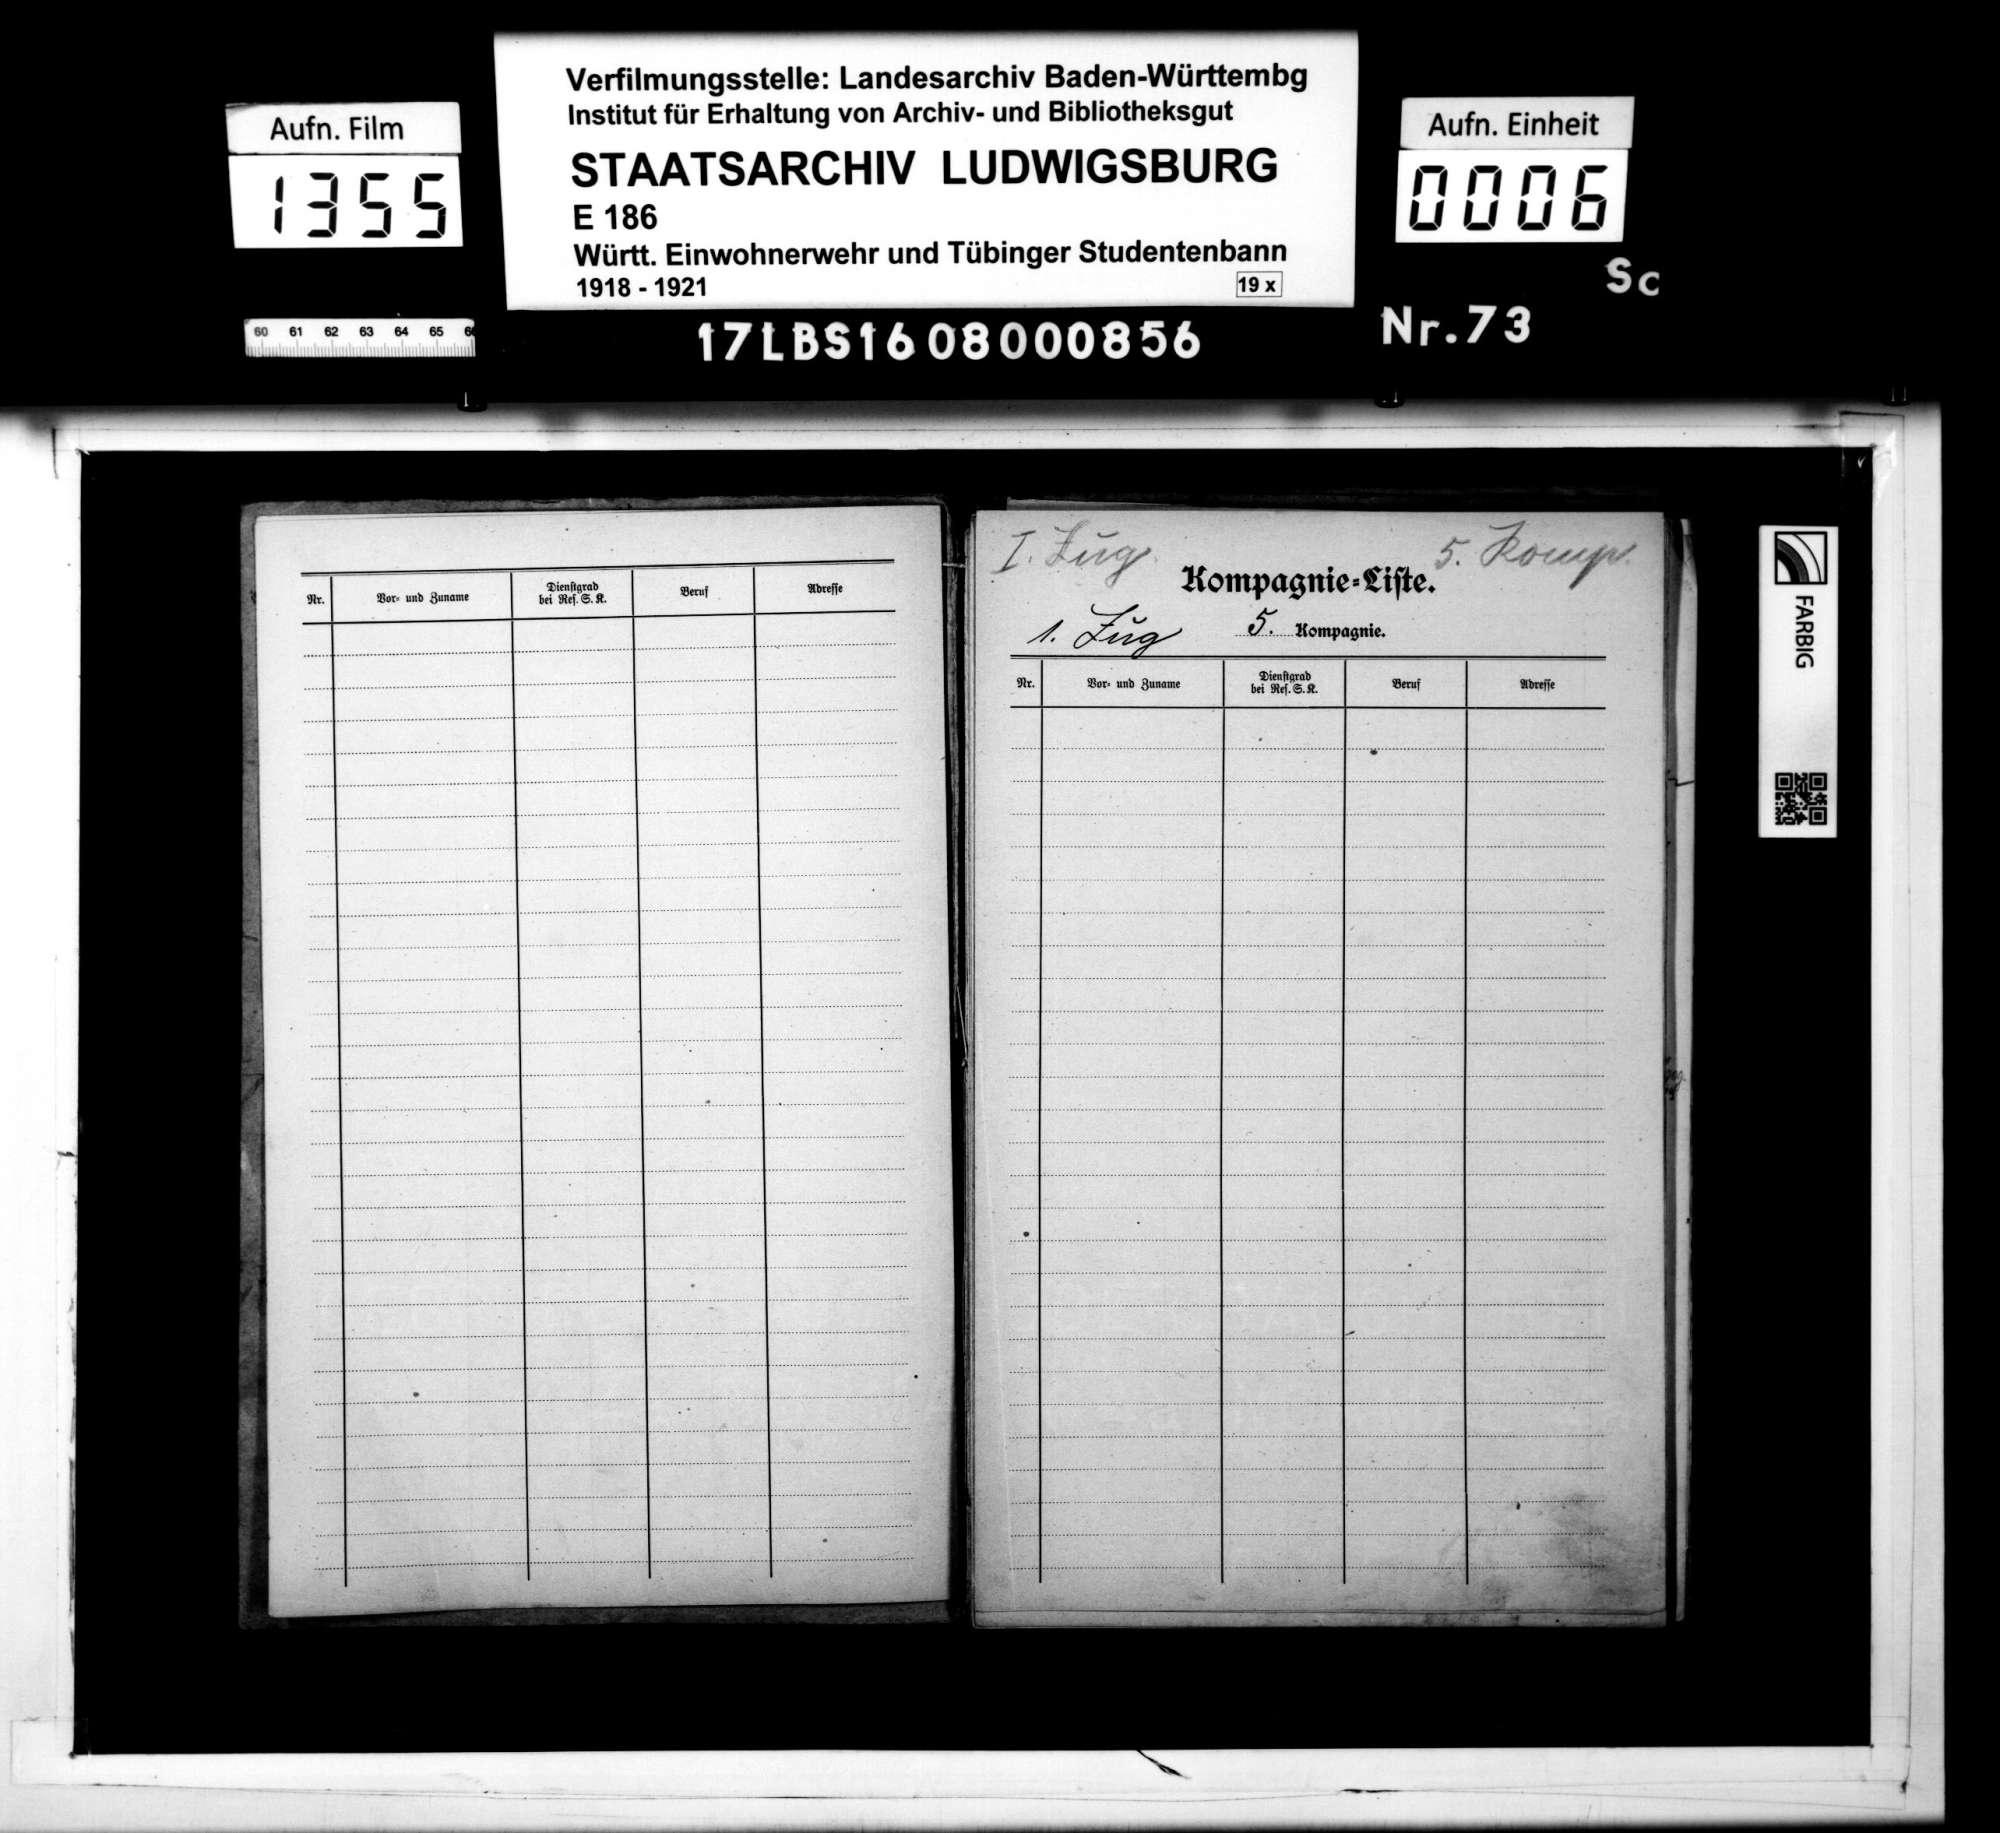 Kompanie-Liste der 5. Reserve-Sicherheits-Kompanie (Kompanieführer Keinert), Bild 3